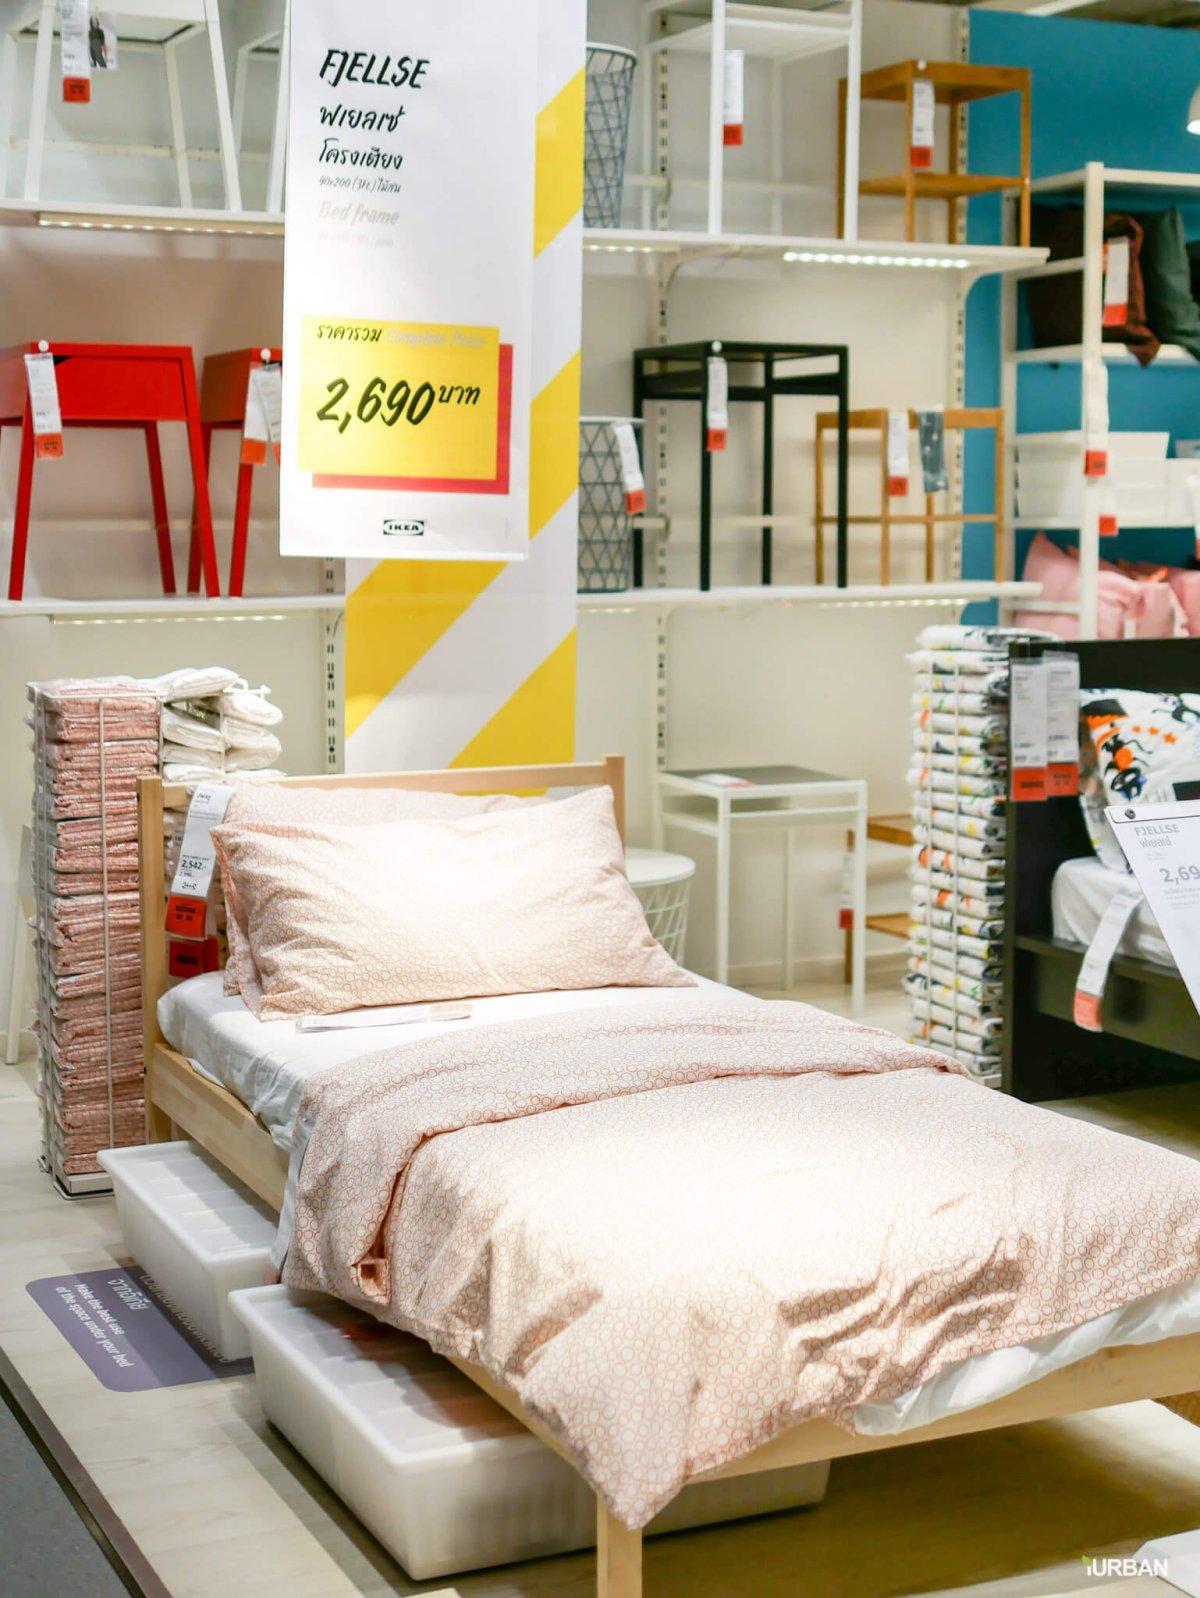 มันเยอะมากกกก!! IKEA Year End SALE 2017 รวมของเซลในอิเกีย ลดเยอะ ลดแหลก รีบพุ่งตัวไป วันนี้ - 7 มกราคม 61 64 - IKEA (อิเกีย)